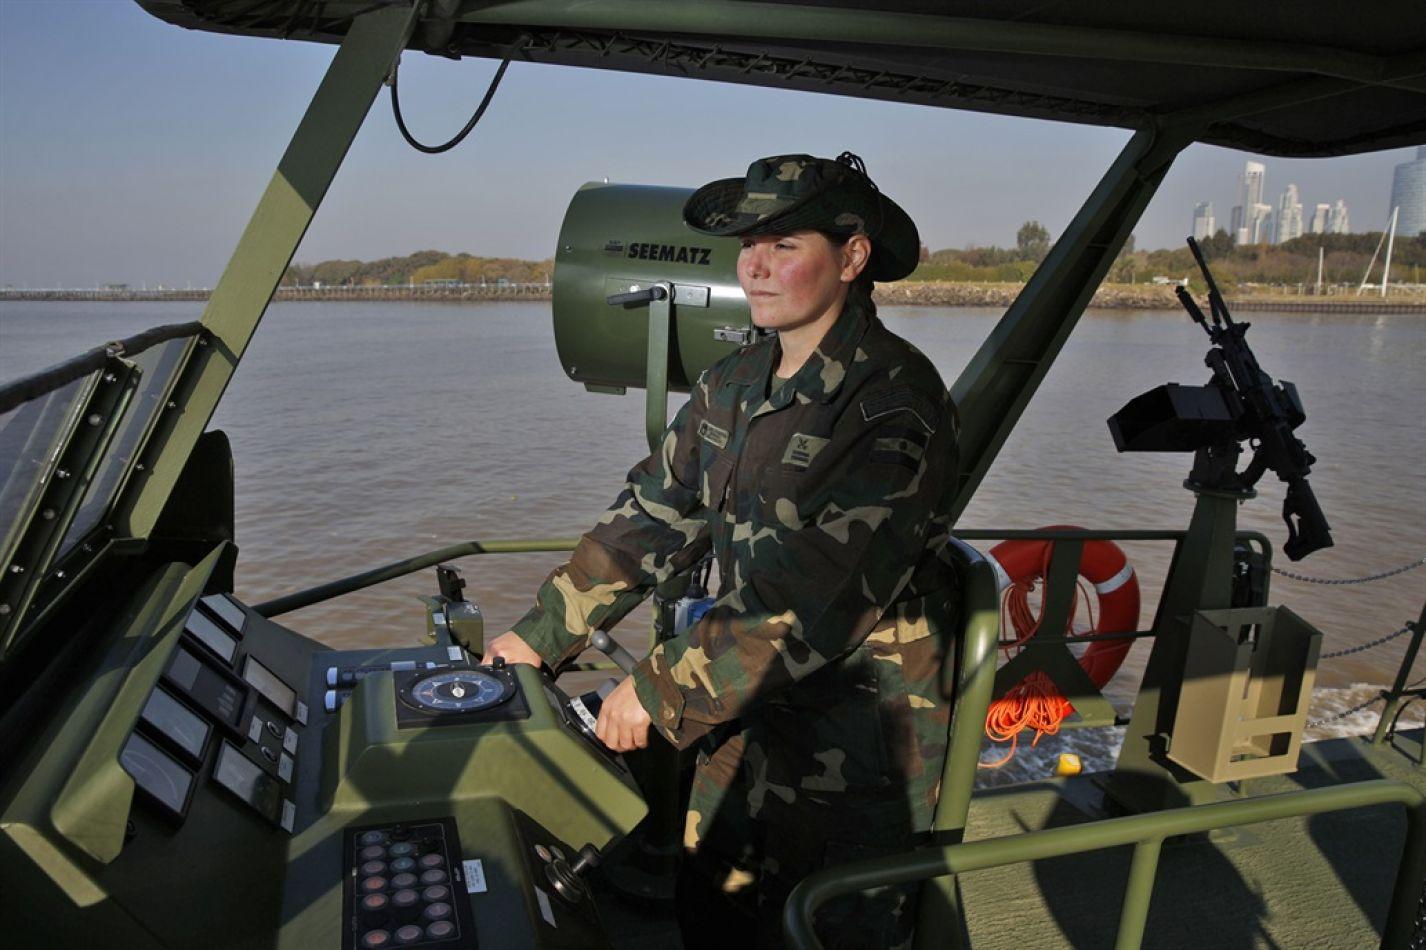 La subprefecta Lorena Franceschi forma parte de la segunda promoción de mujeres de la Prefectura Naval